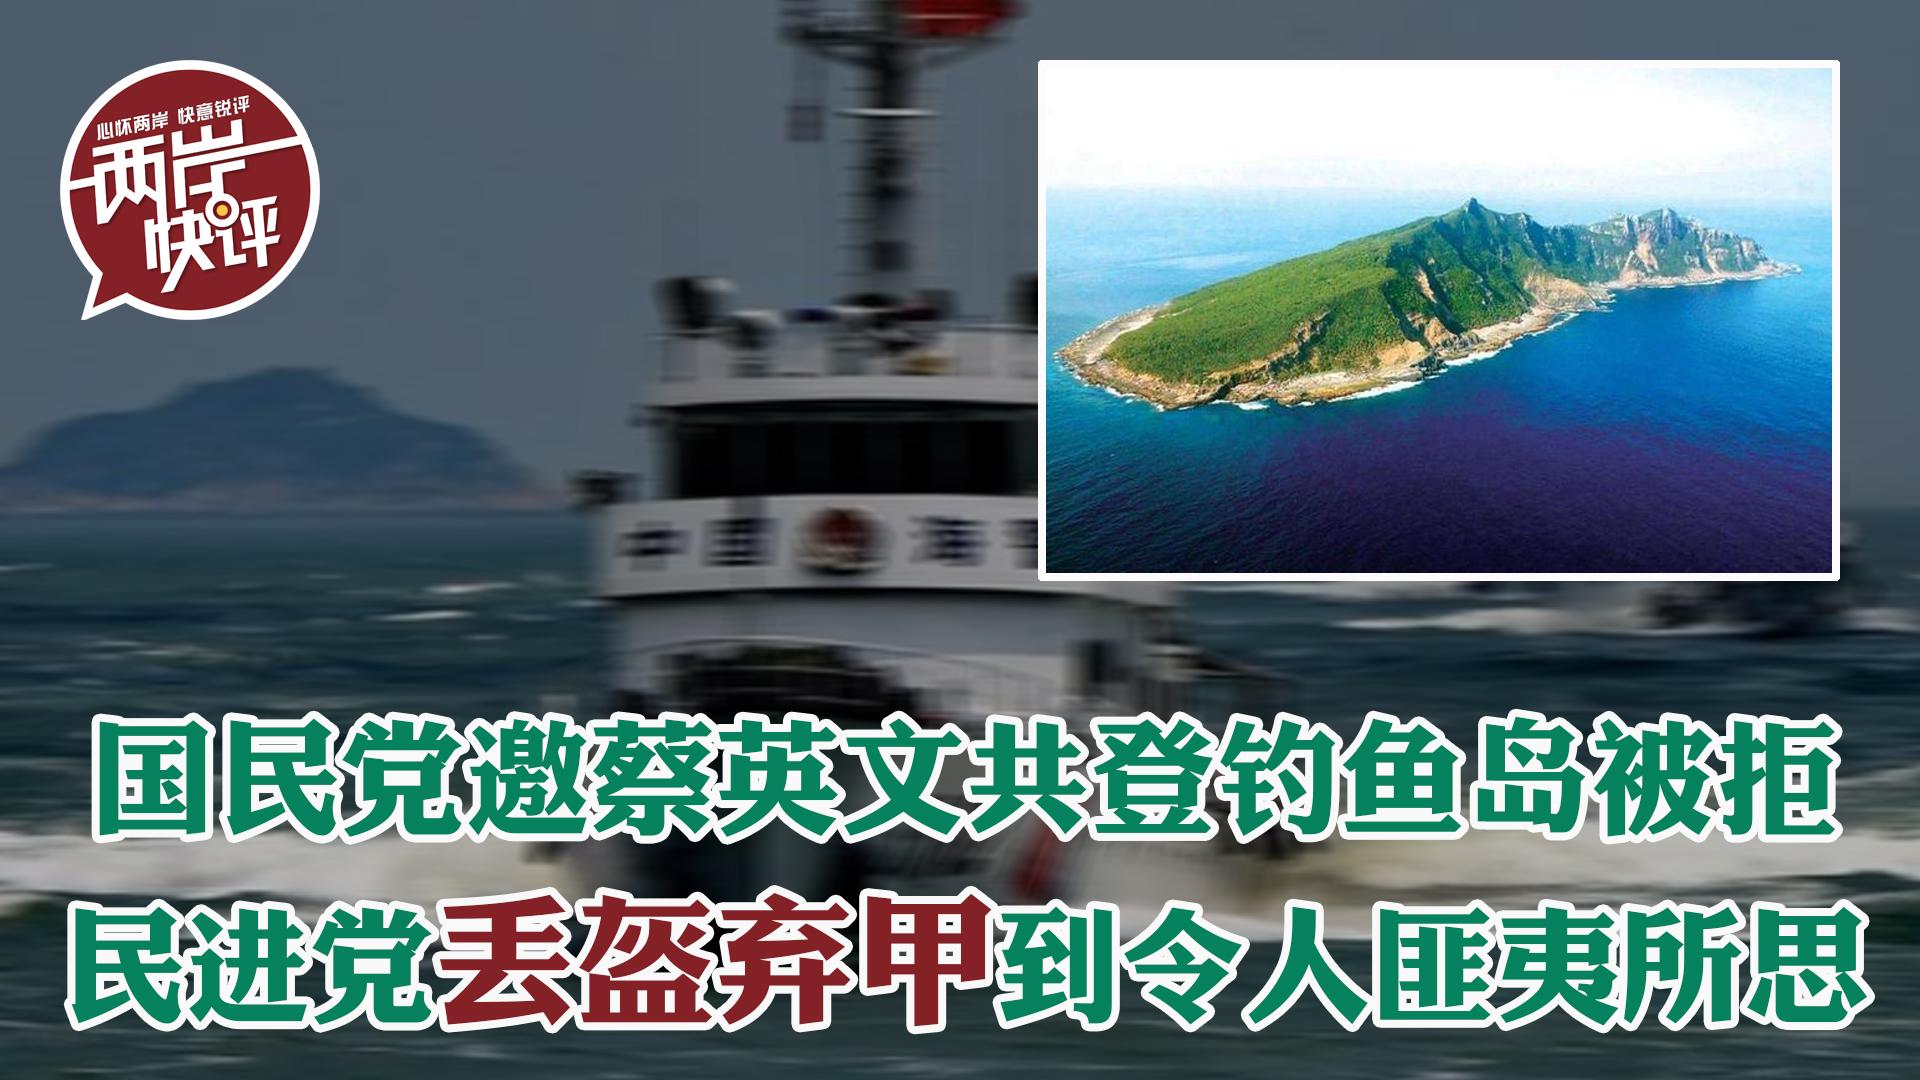 事關釣魚島問題民進黨當局又龜縮,丟盔棄甲到令人匪夷所思圖片